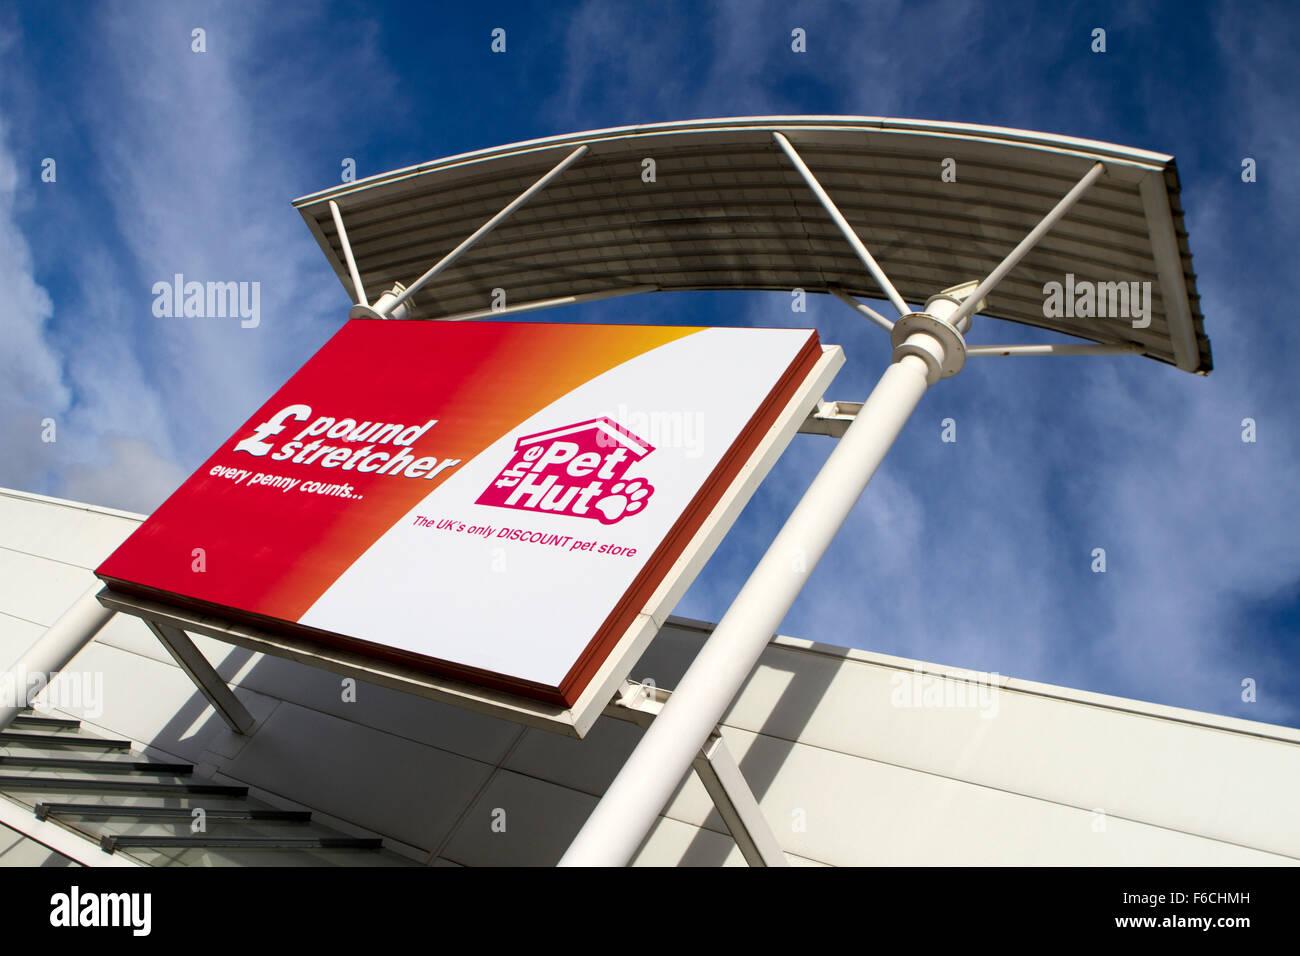 2ff976b62 Pound Stretcher & La mascota Hut signo _Gran cadena marca letreros de  tienda en Regent Retail